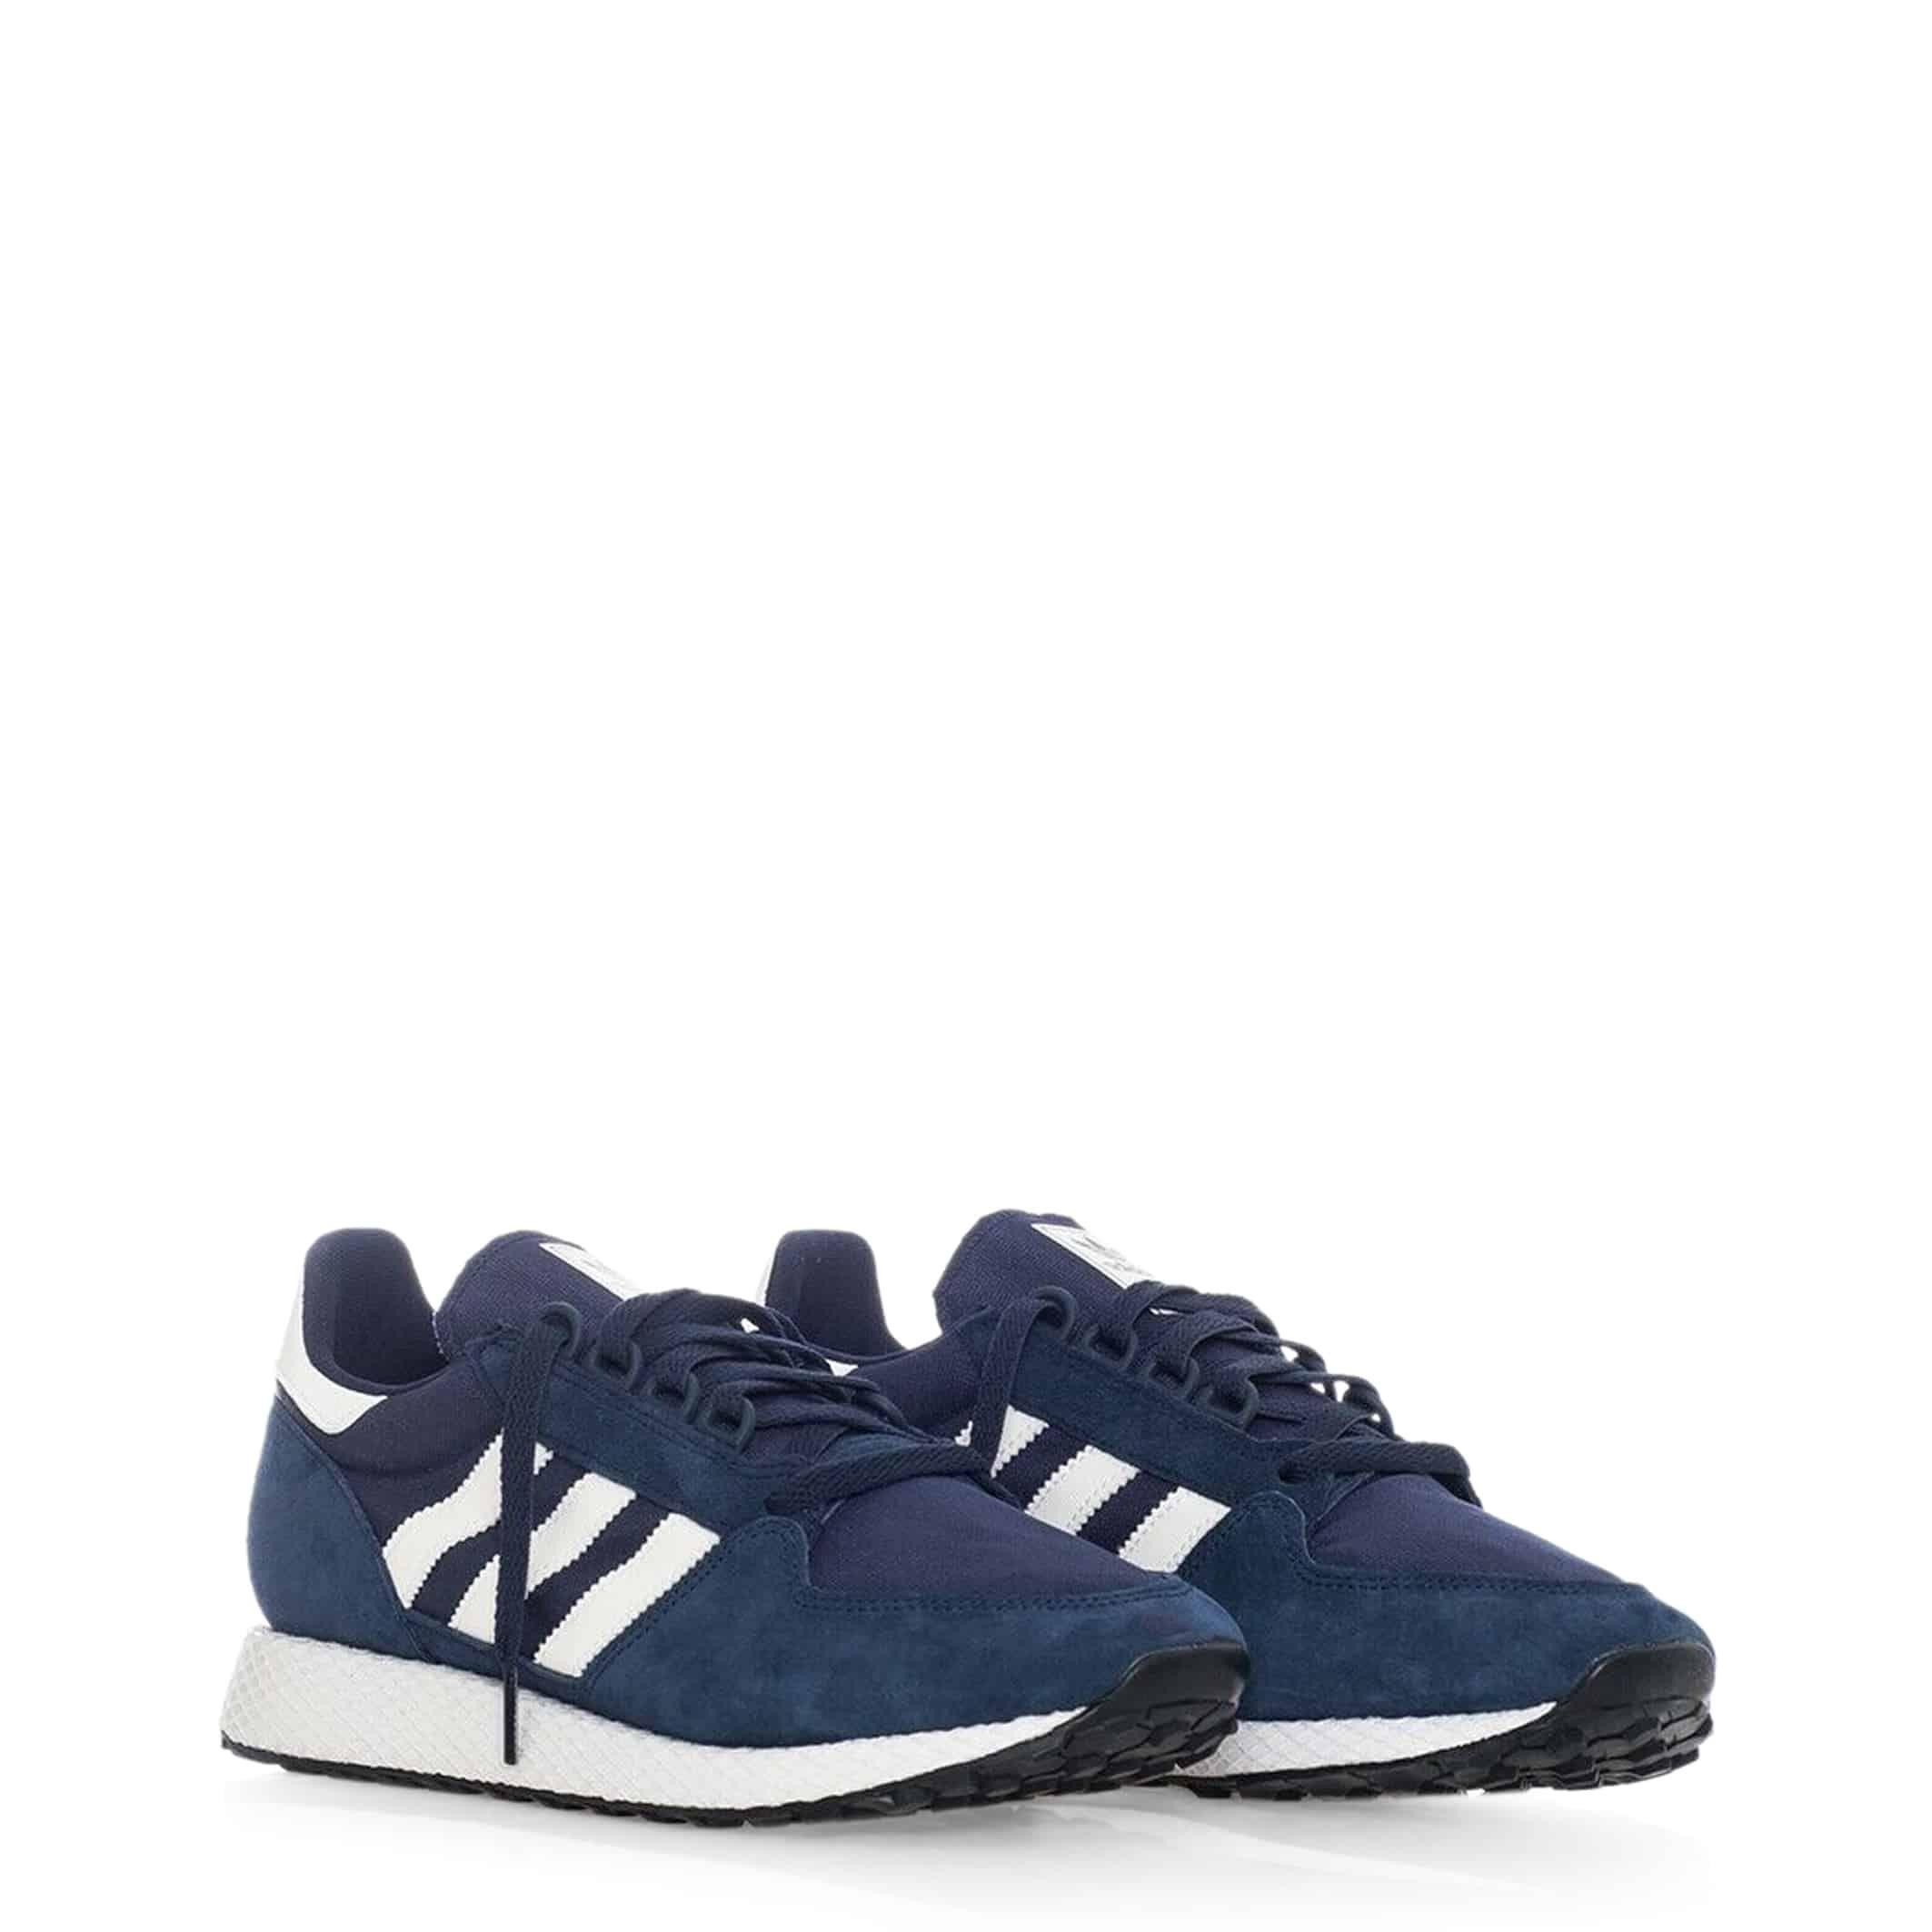 Adidas – ForestGrove – Blu